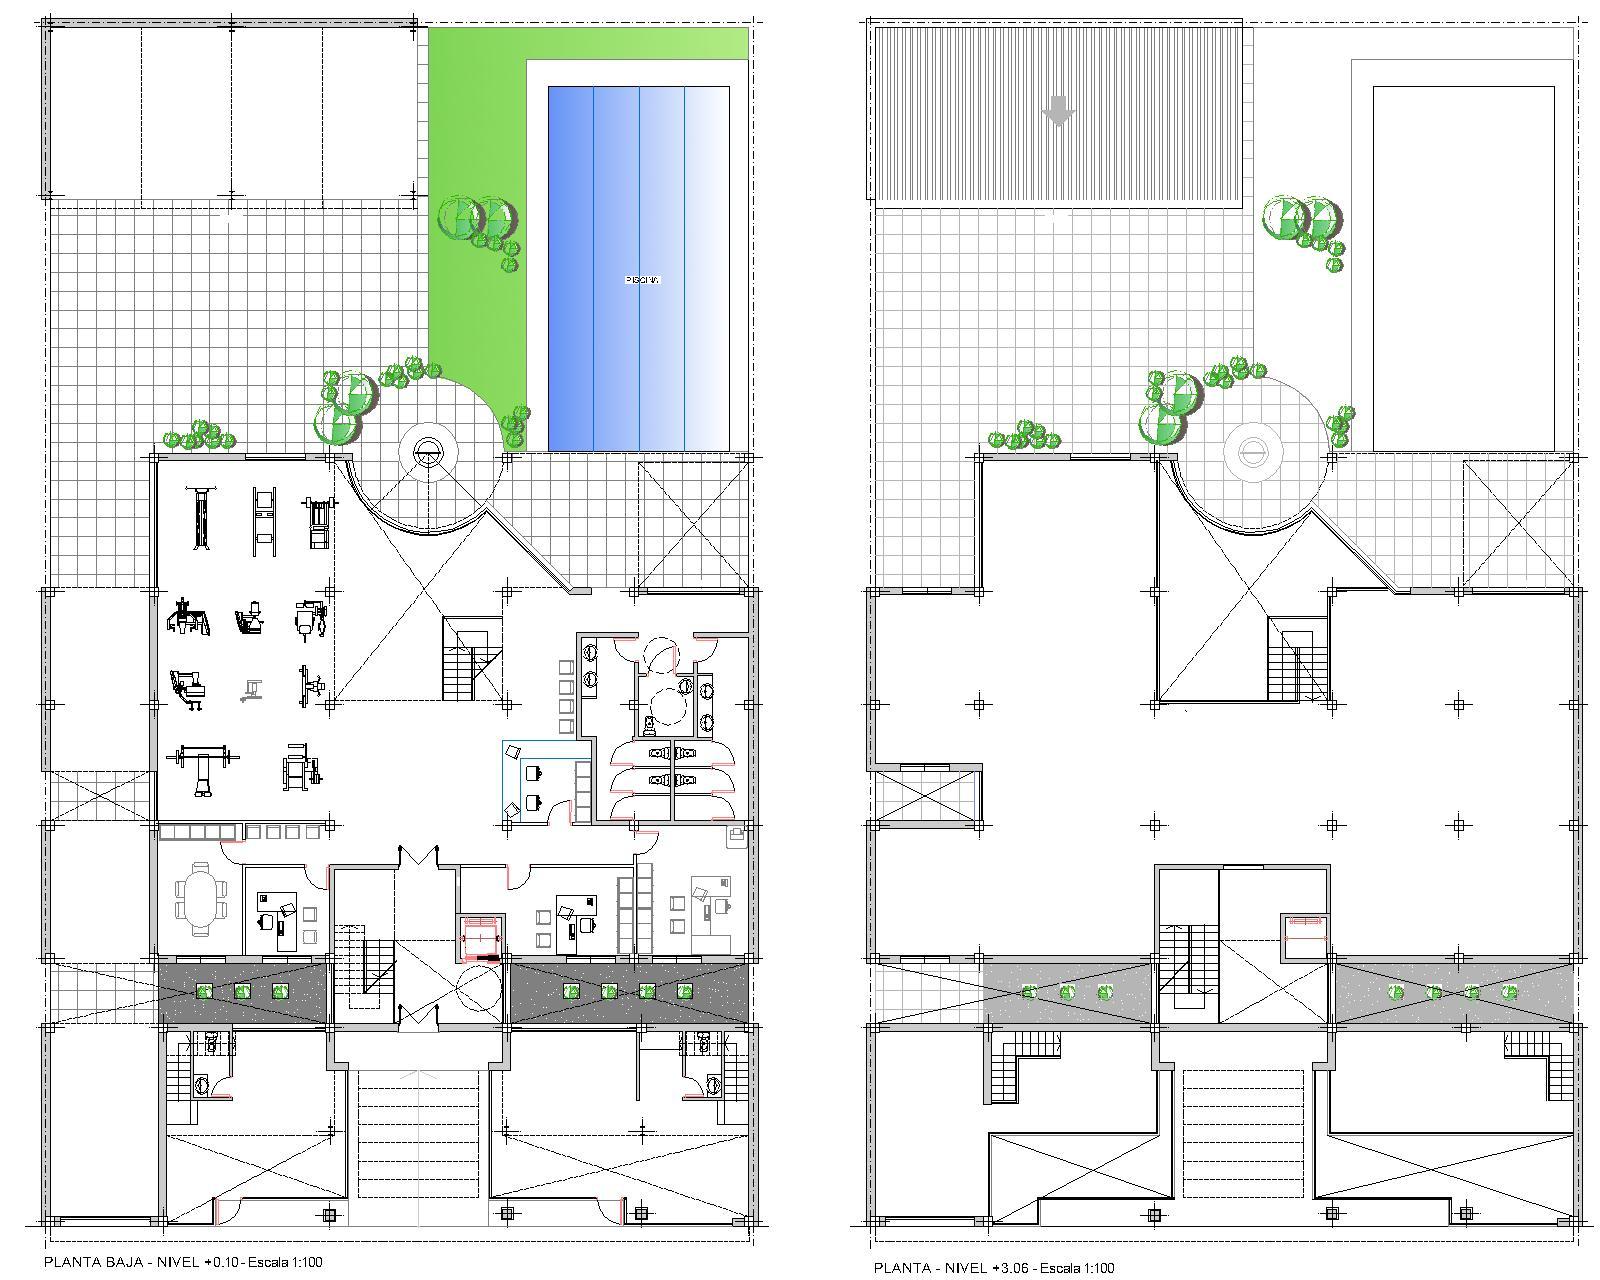 Arquitecta miriam di leo edificio de departamentos y for Edificios educativos arquitectura